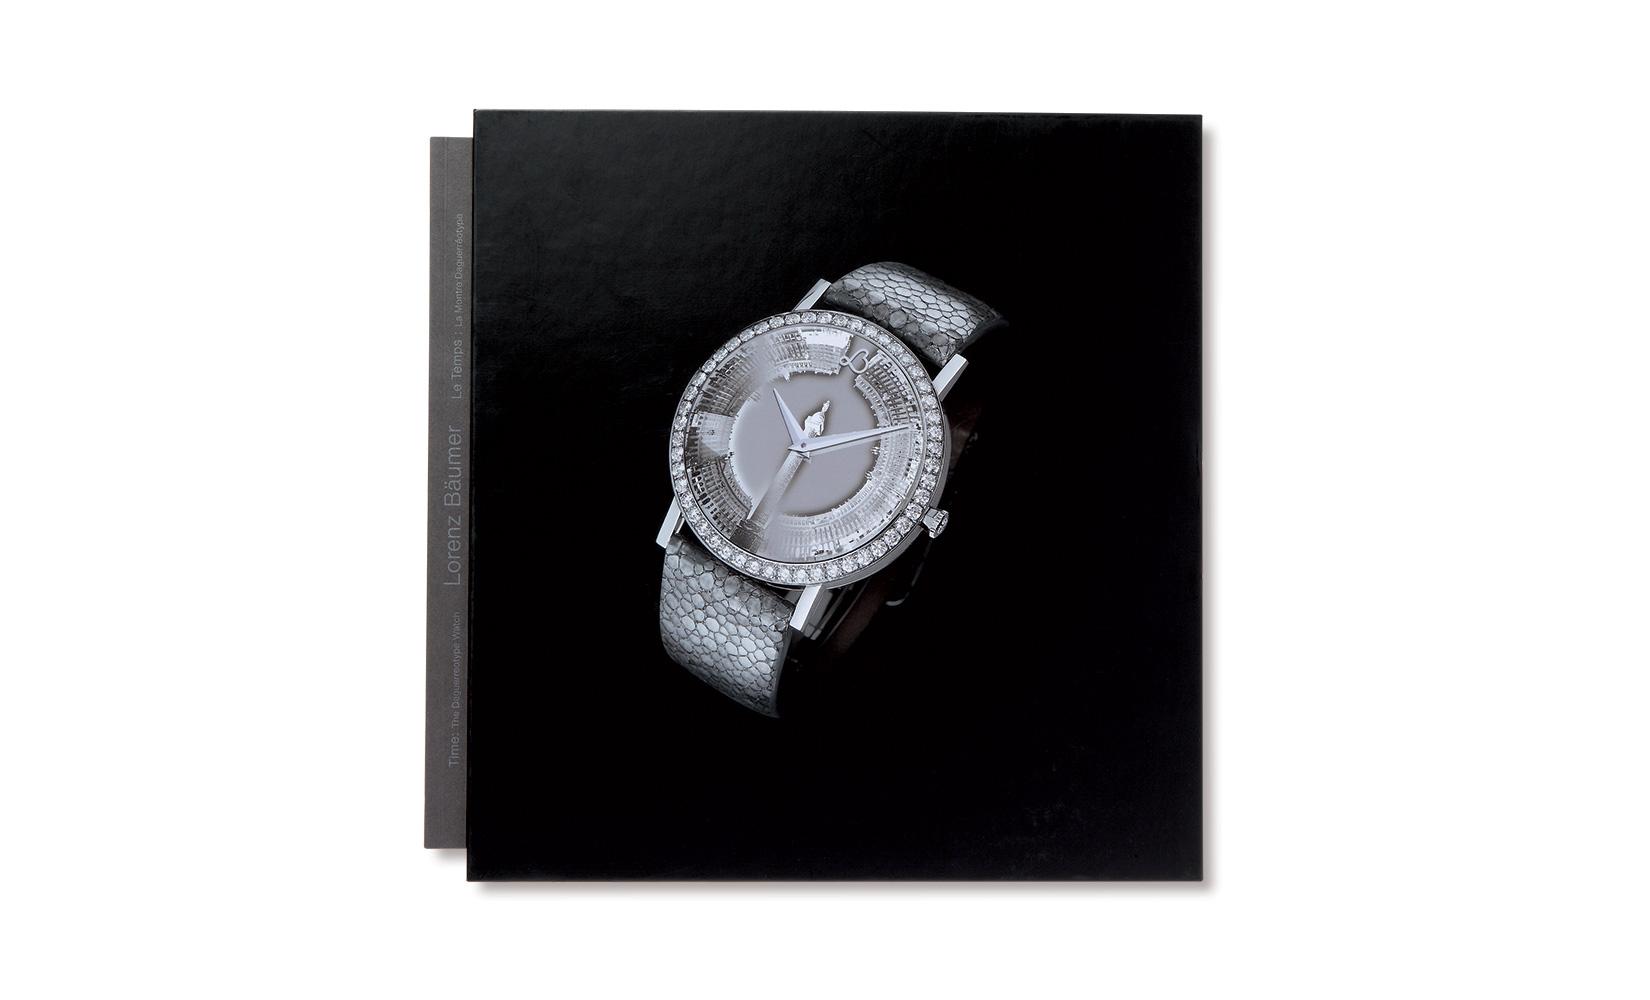 Lorenz-baumer-montres-couv.jpg